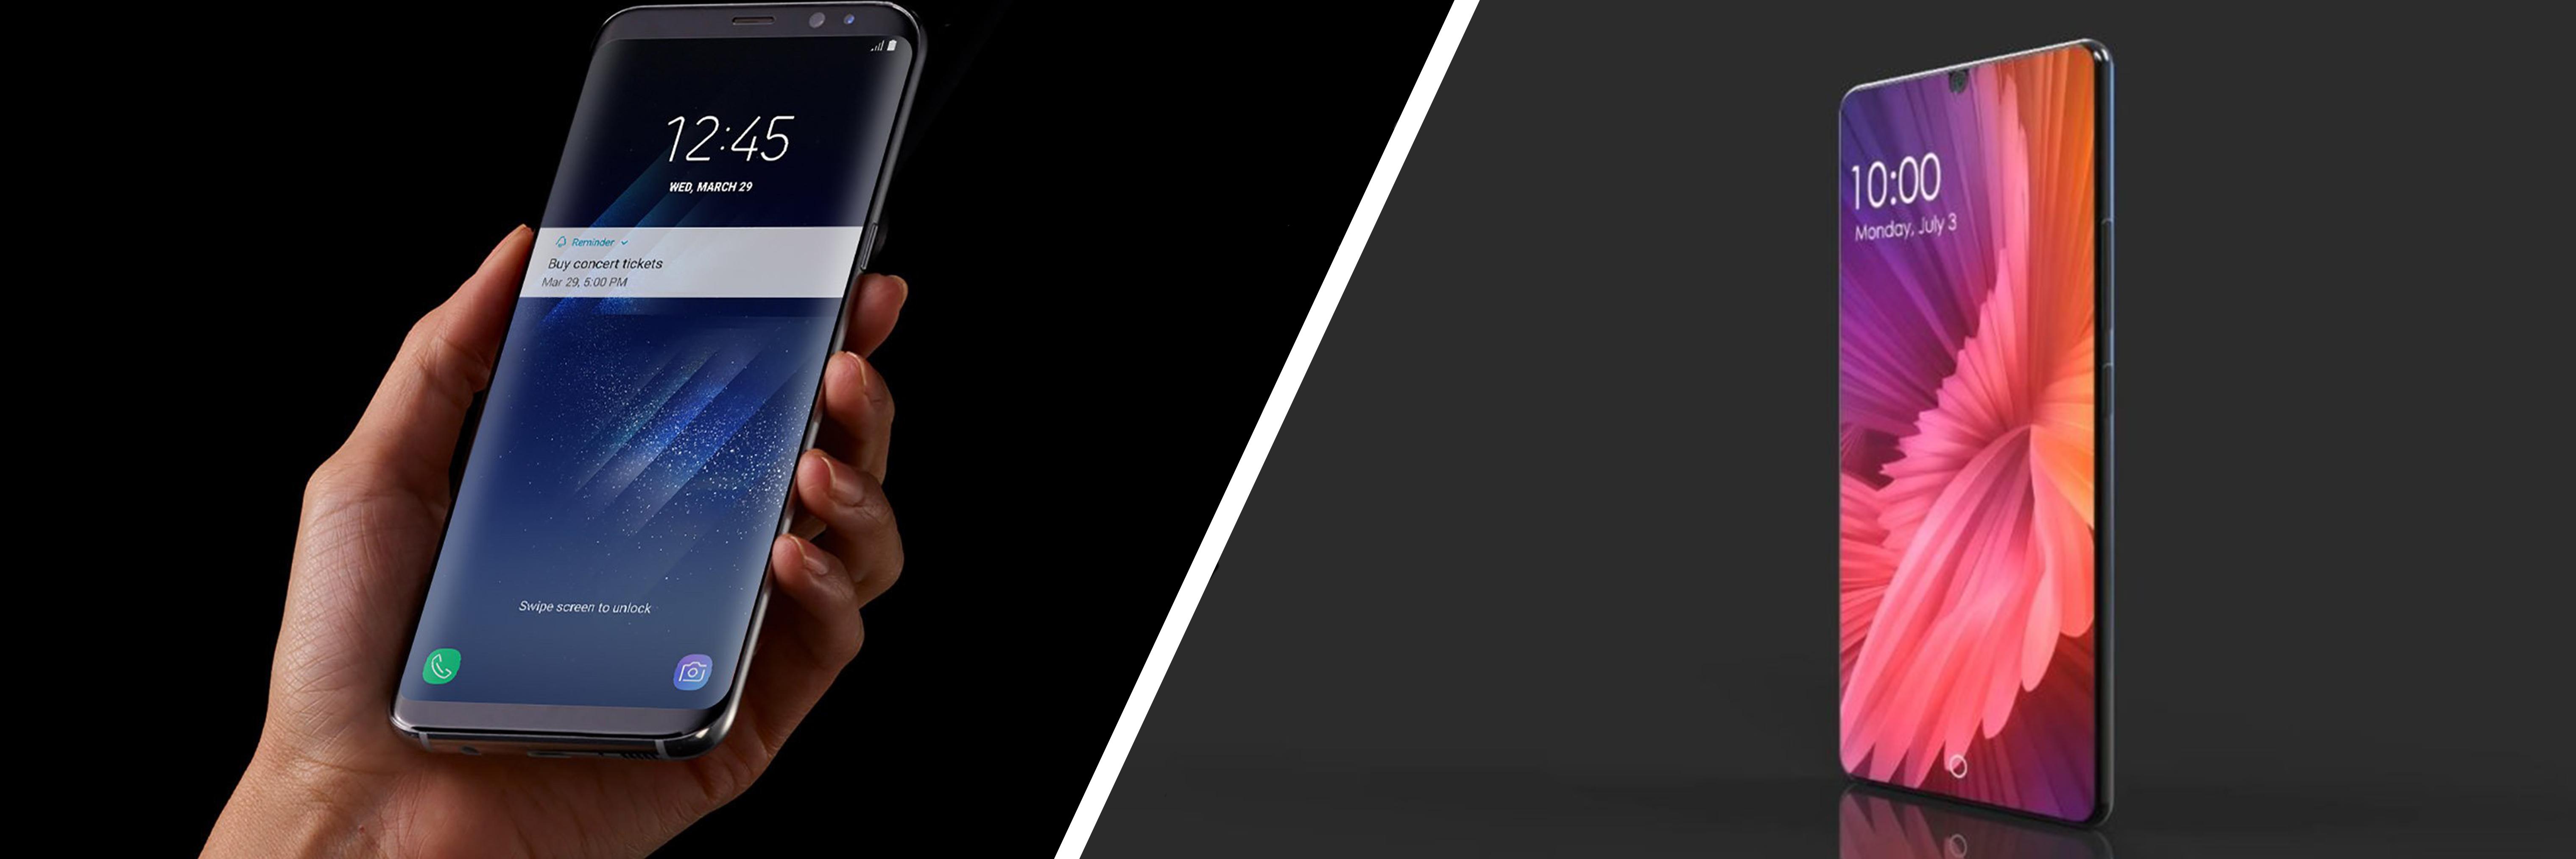 Konkurrenzkampf zwischen Samsung und Xiaomi